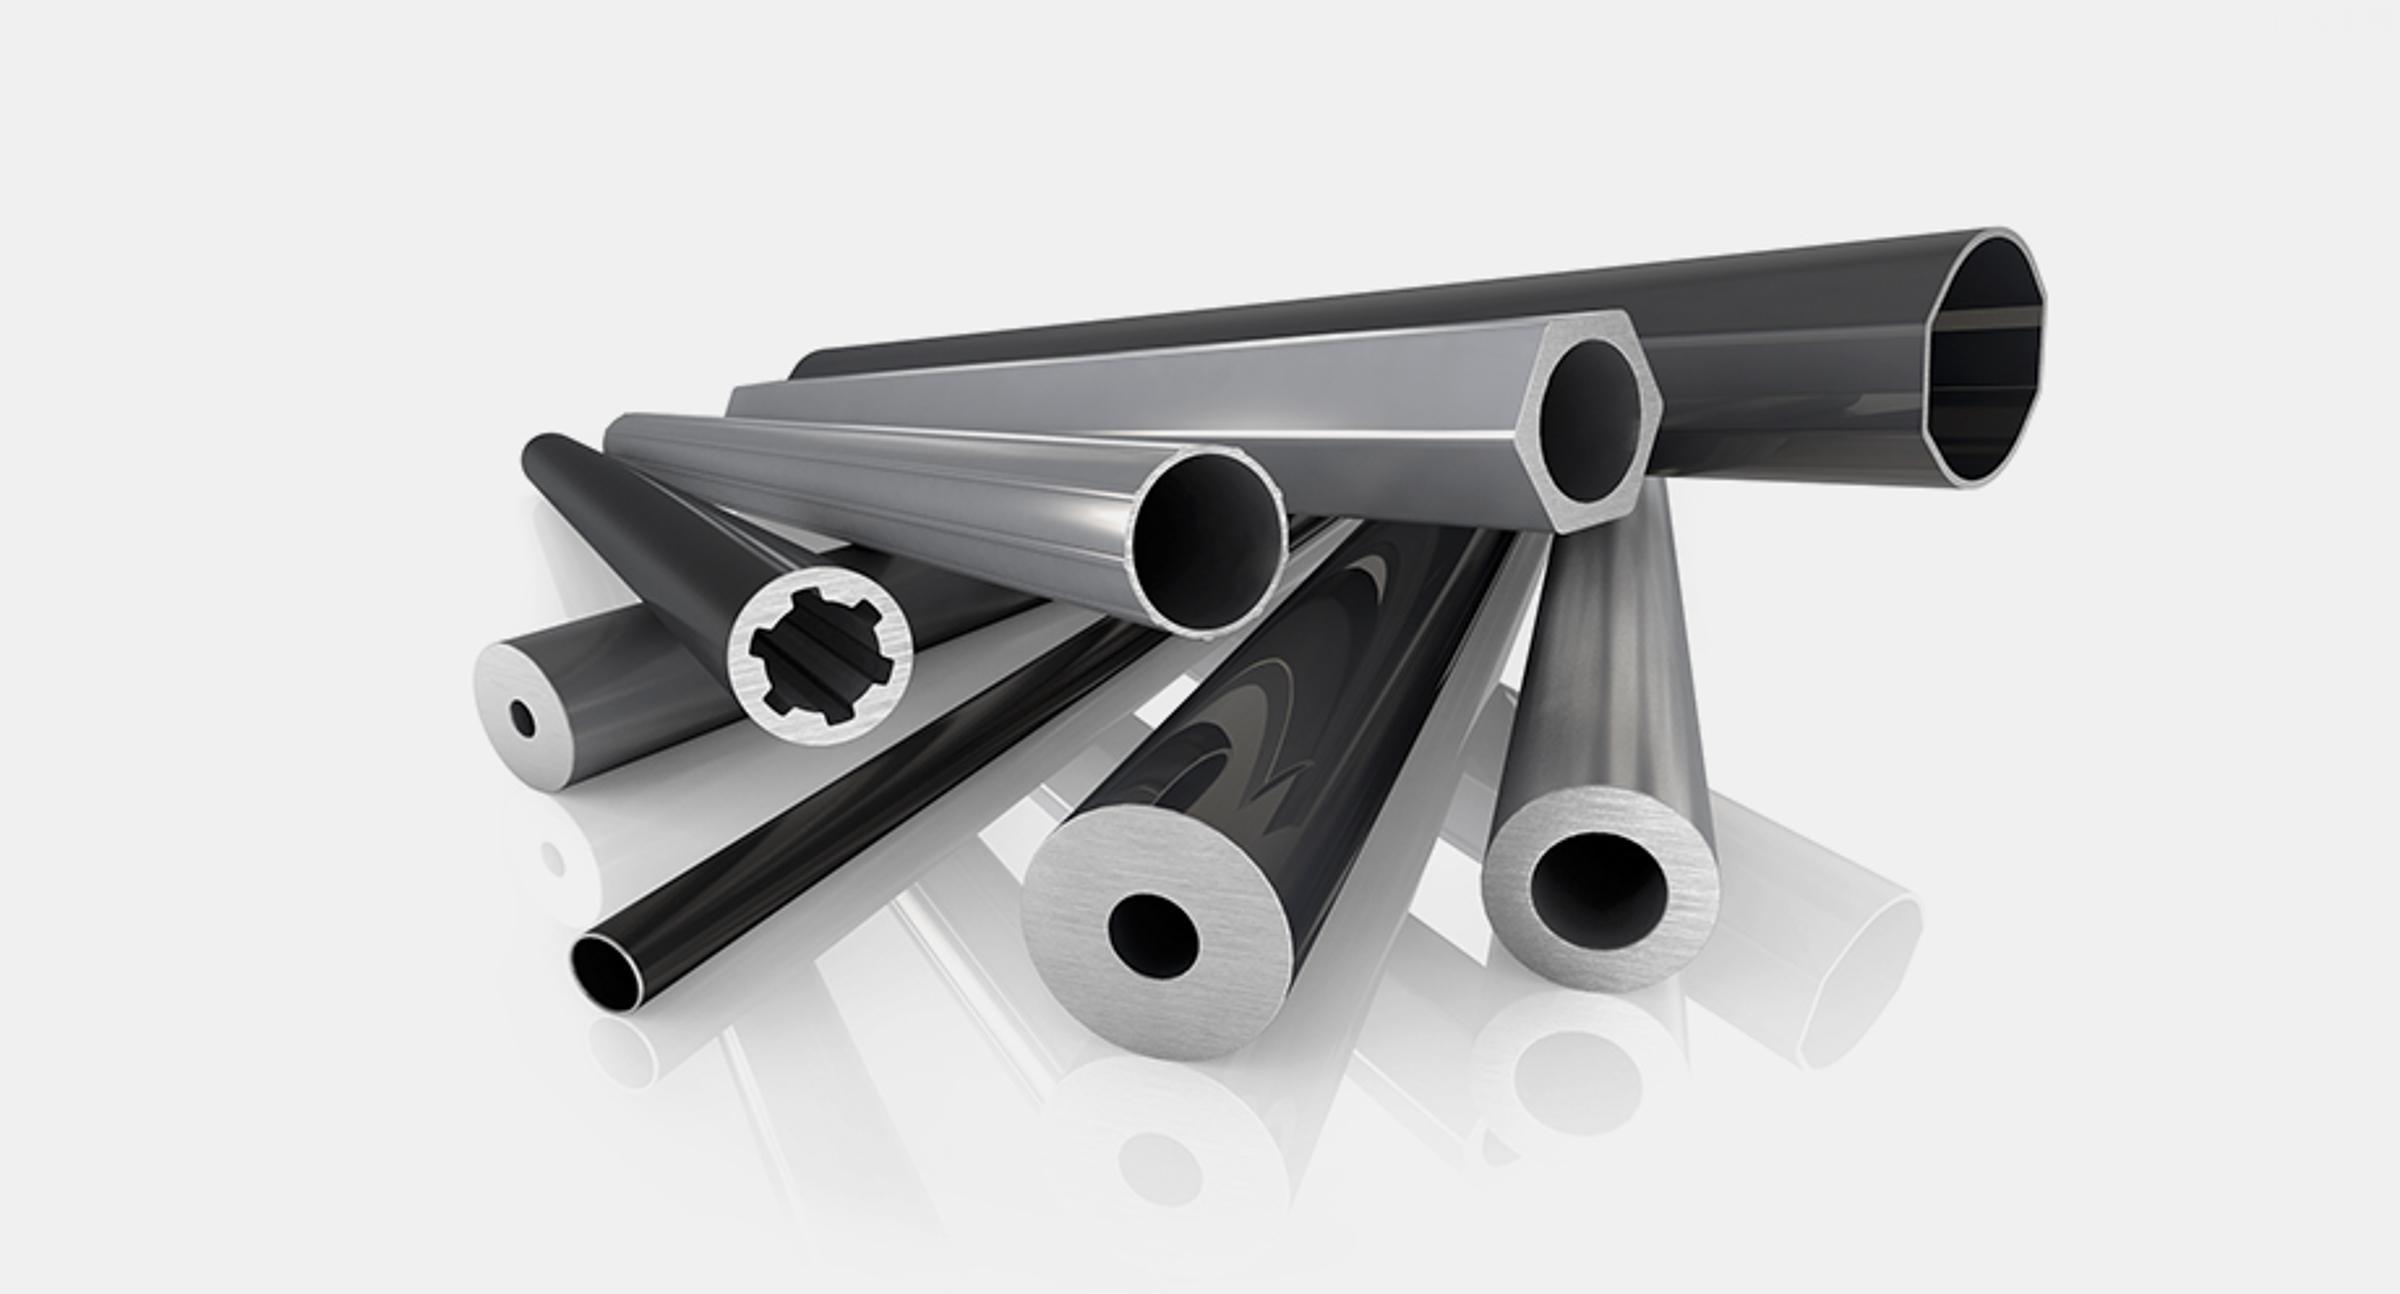 仁成金属生产的高精度精密钢管